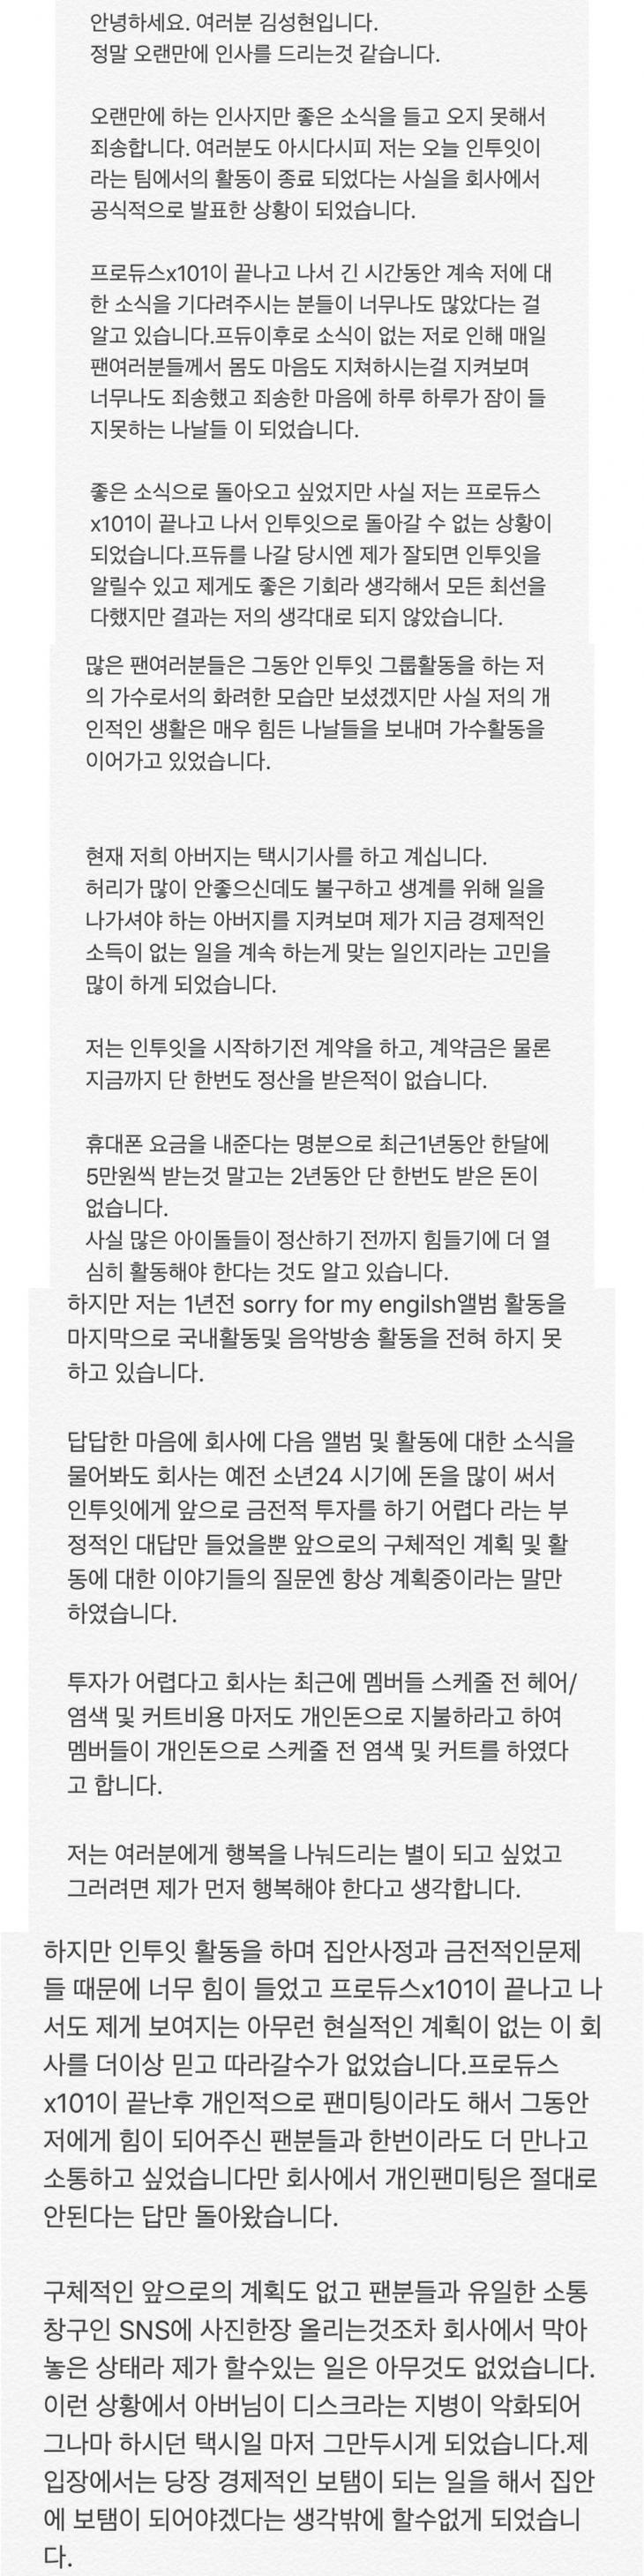 김성현 인스타그램